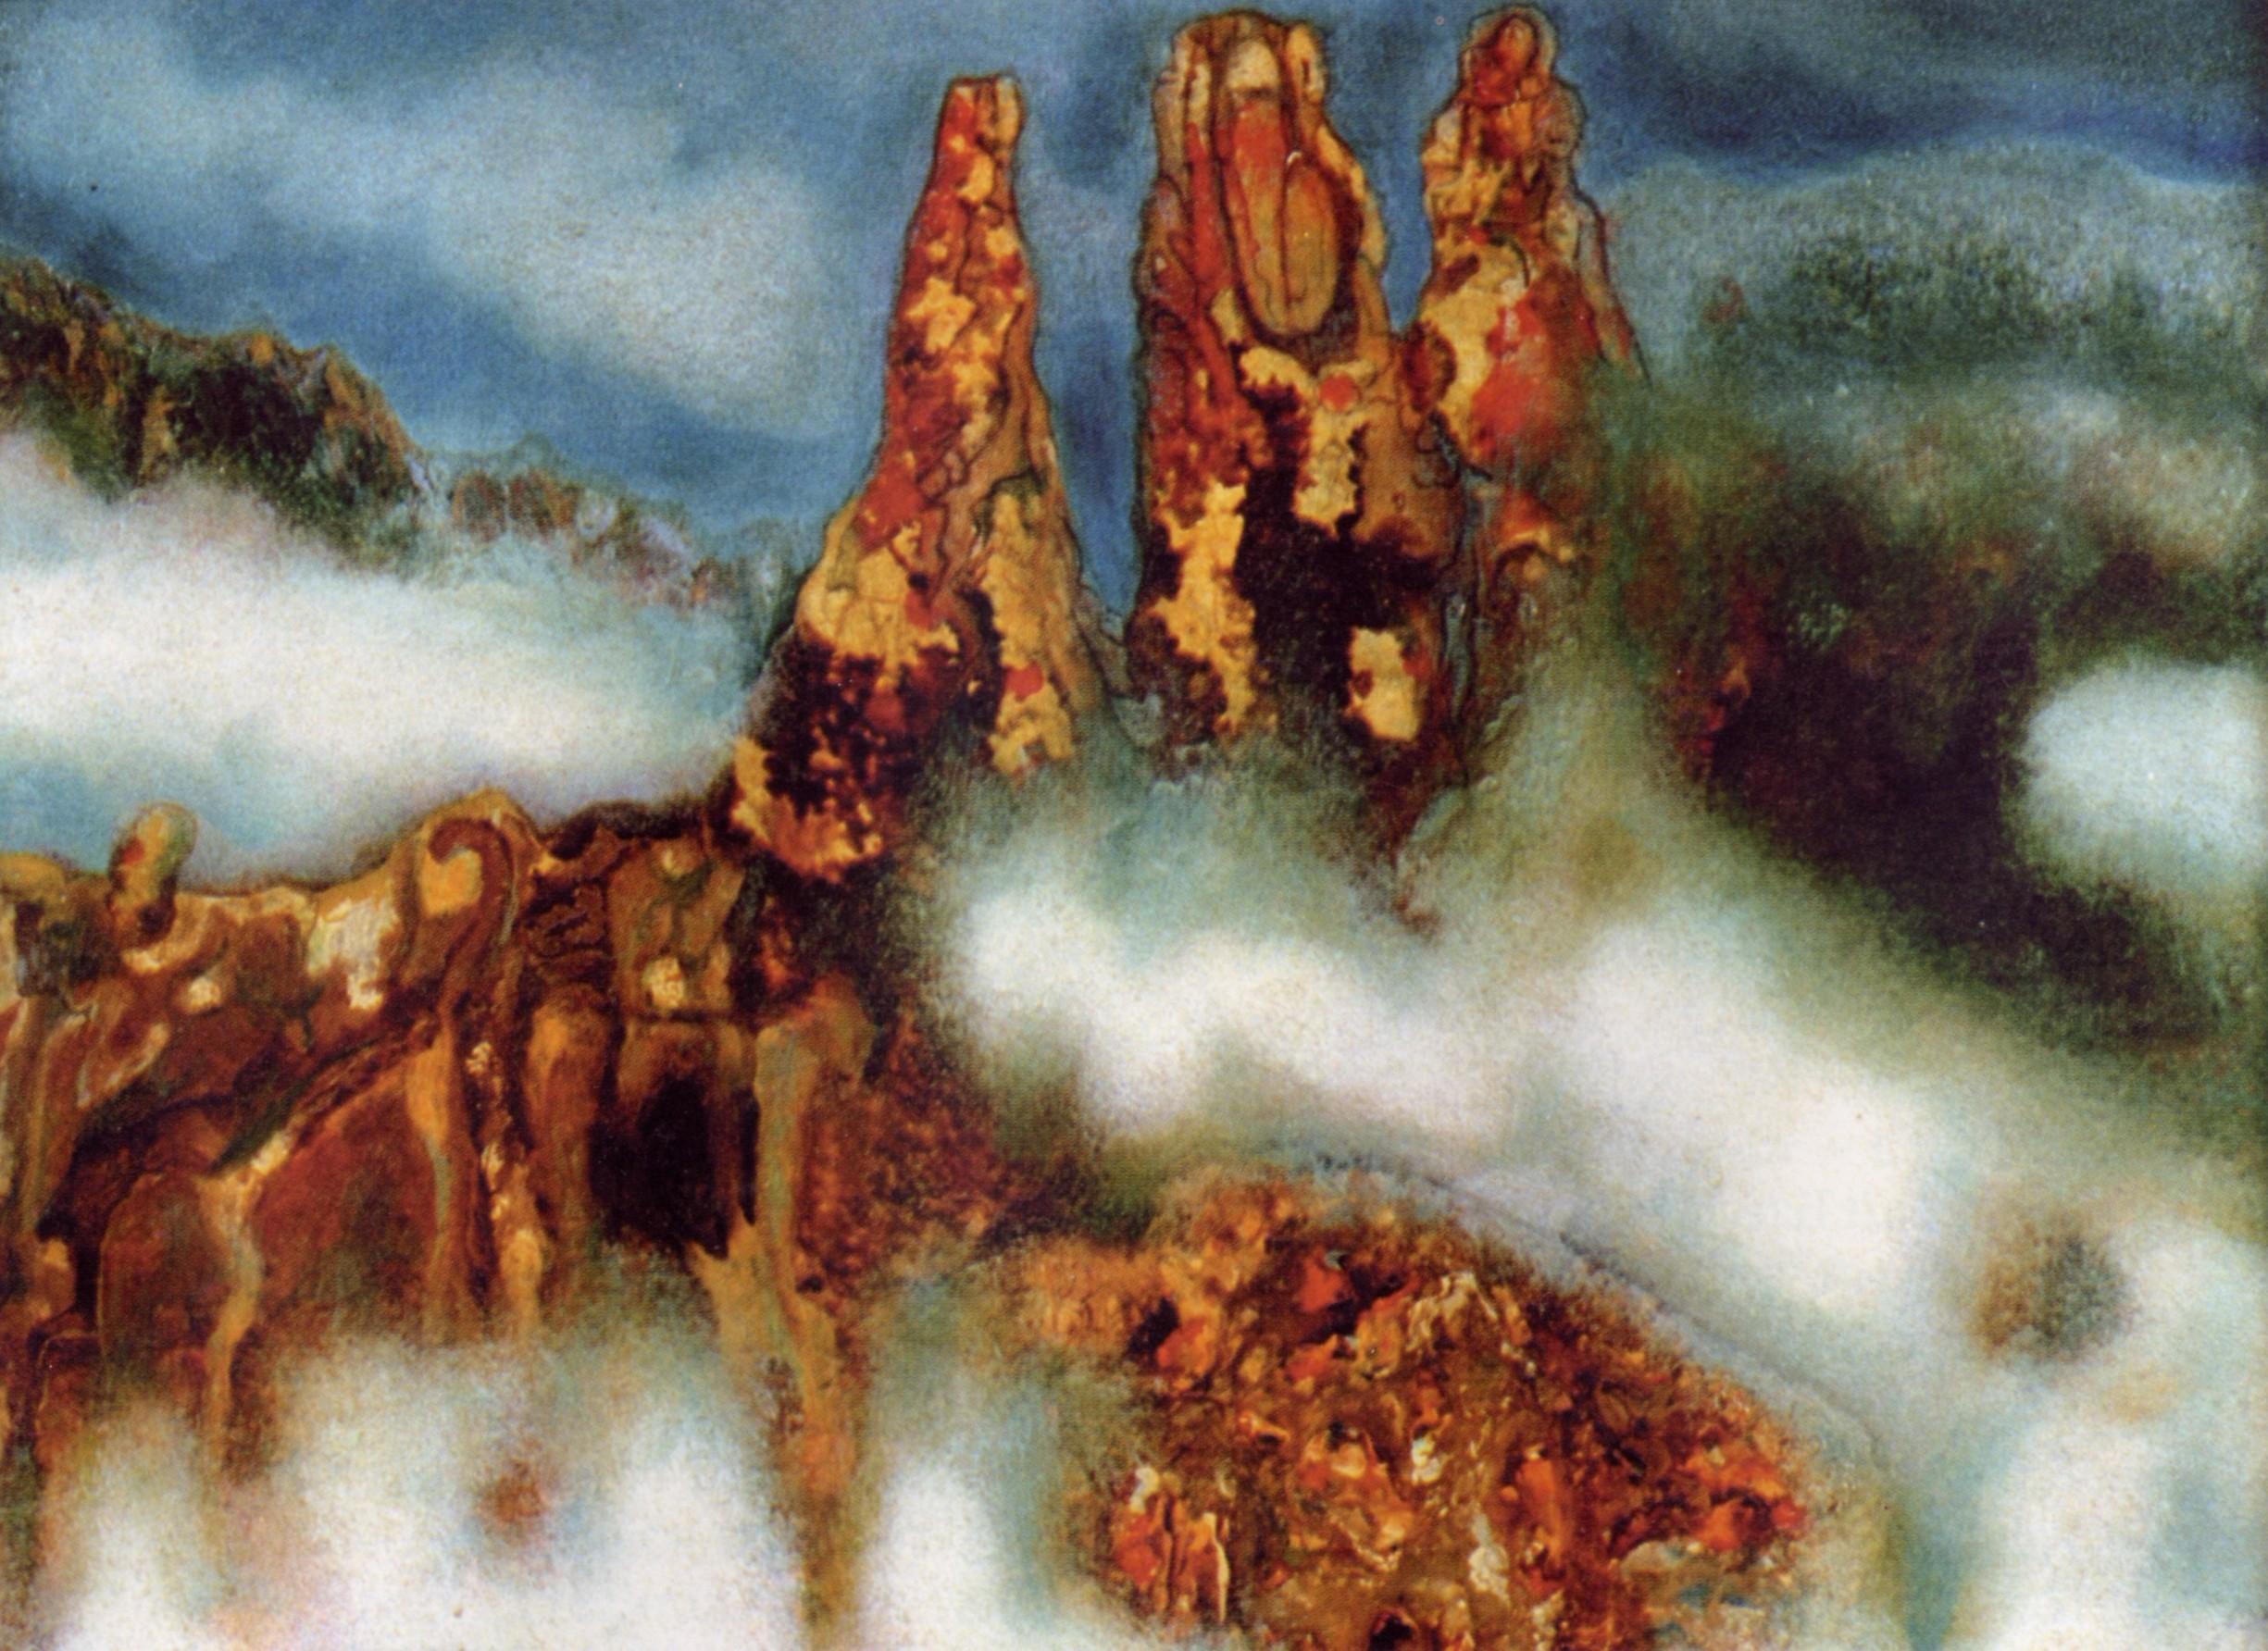 Painting by Ali Khashagulgov